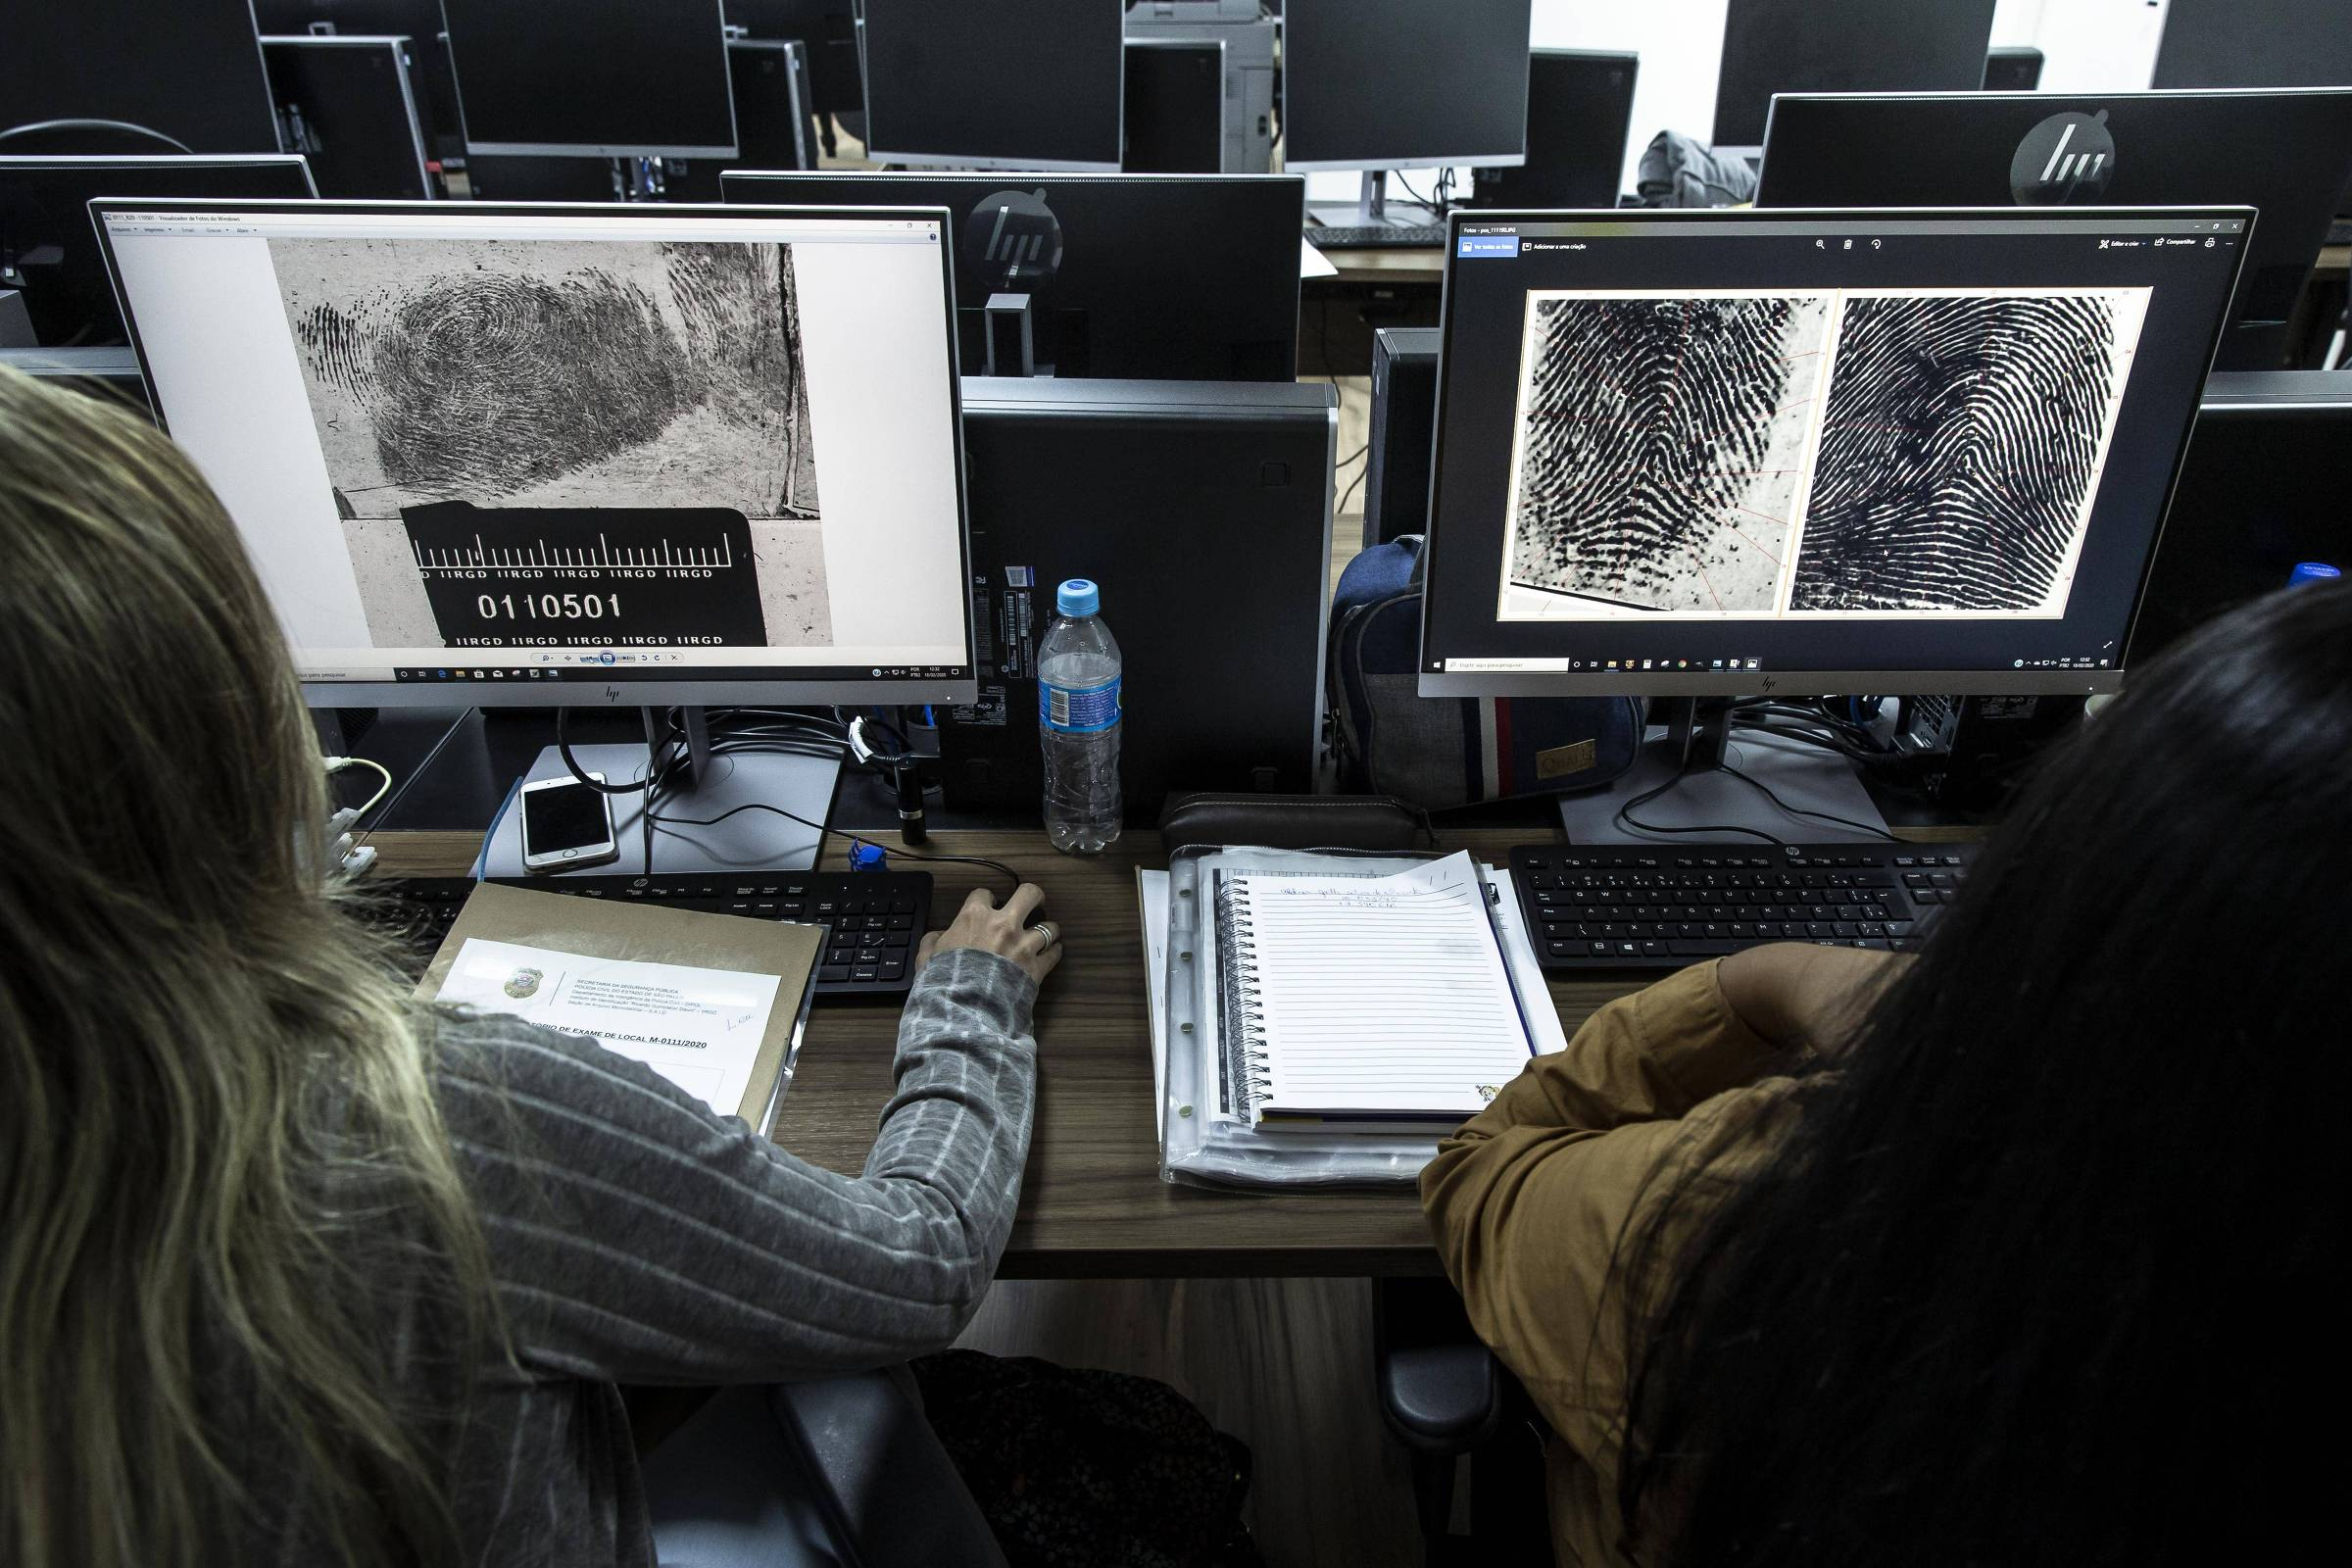 Policiais trabalham em setor de identificação em São Paulo: erros de identidade são segunda maior causa de prisões injustas